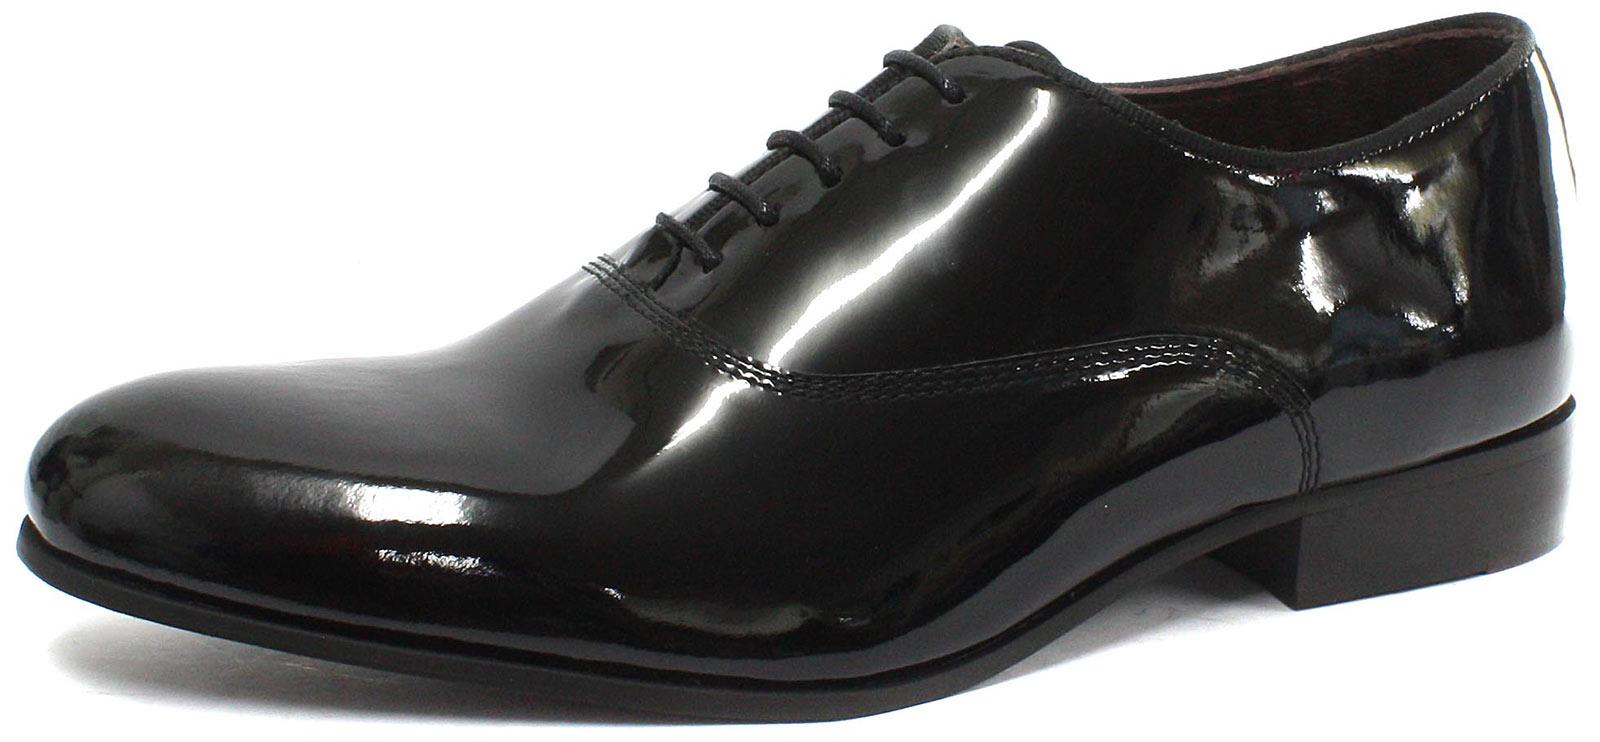 London Brogues Baxter schwarz Lack Herren Oxford Formelle Schuhe alle Größen